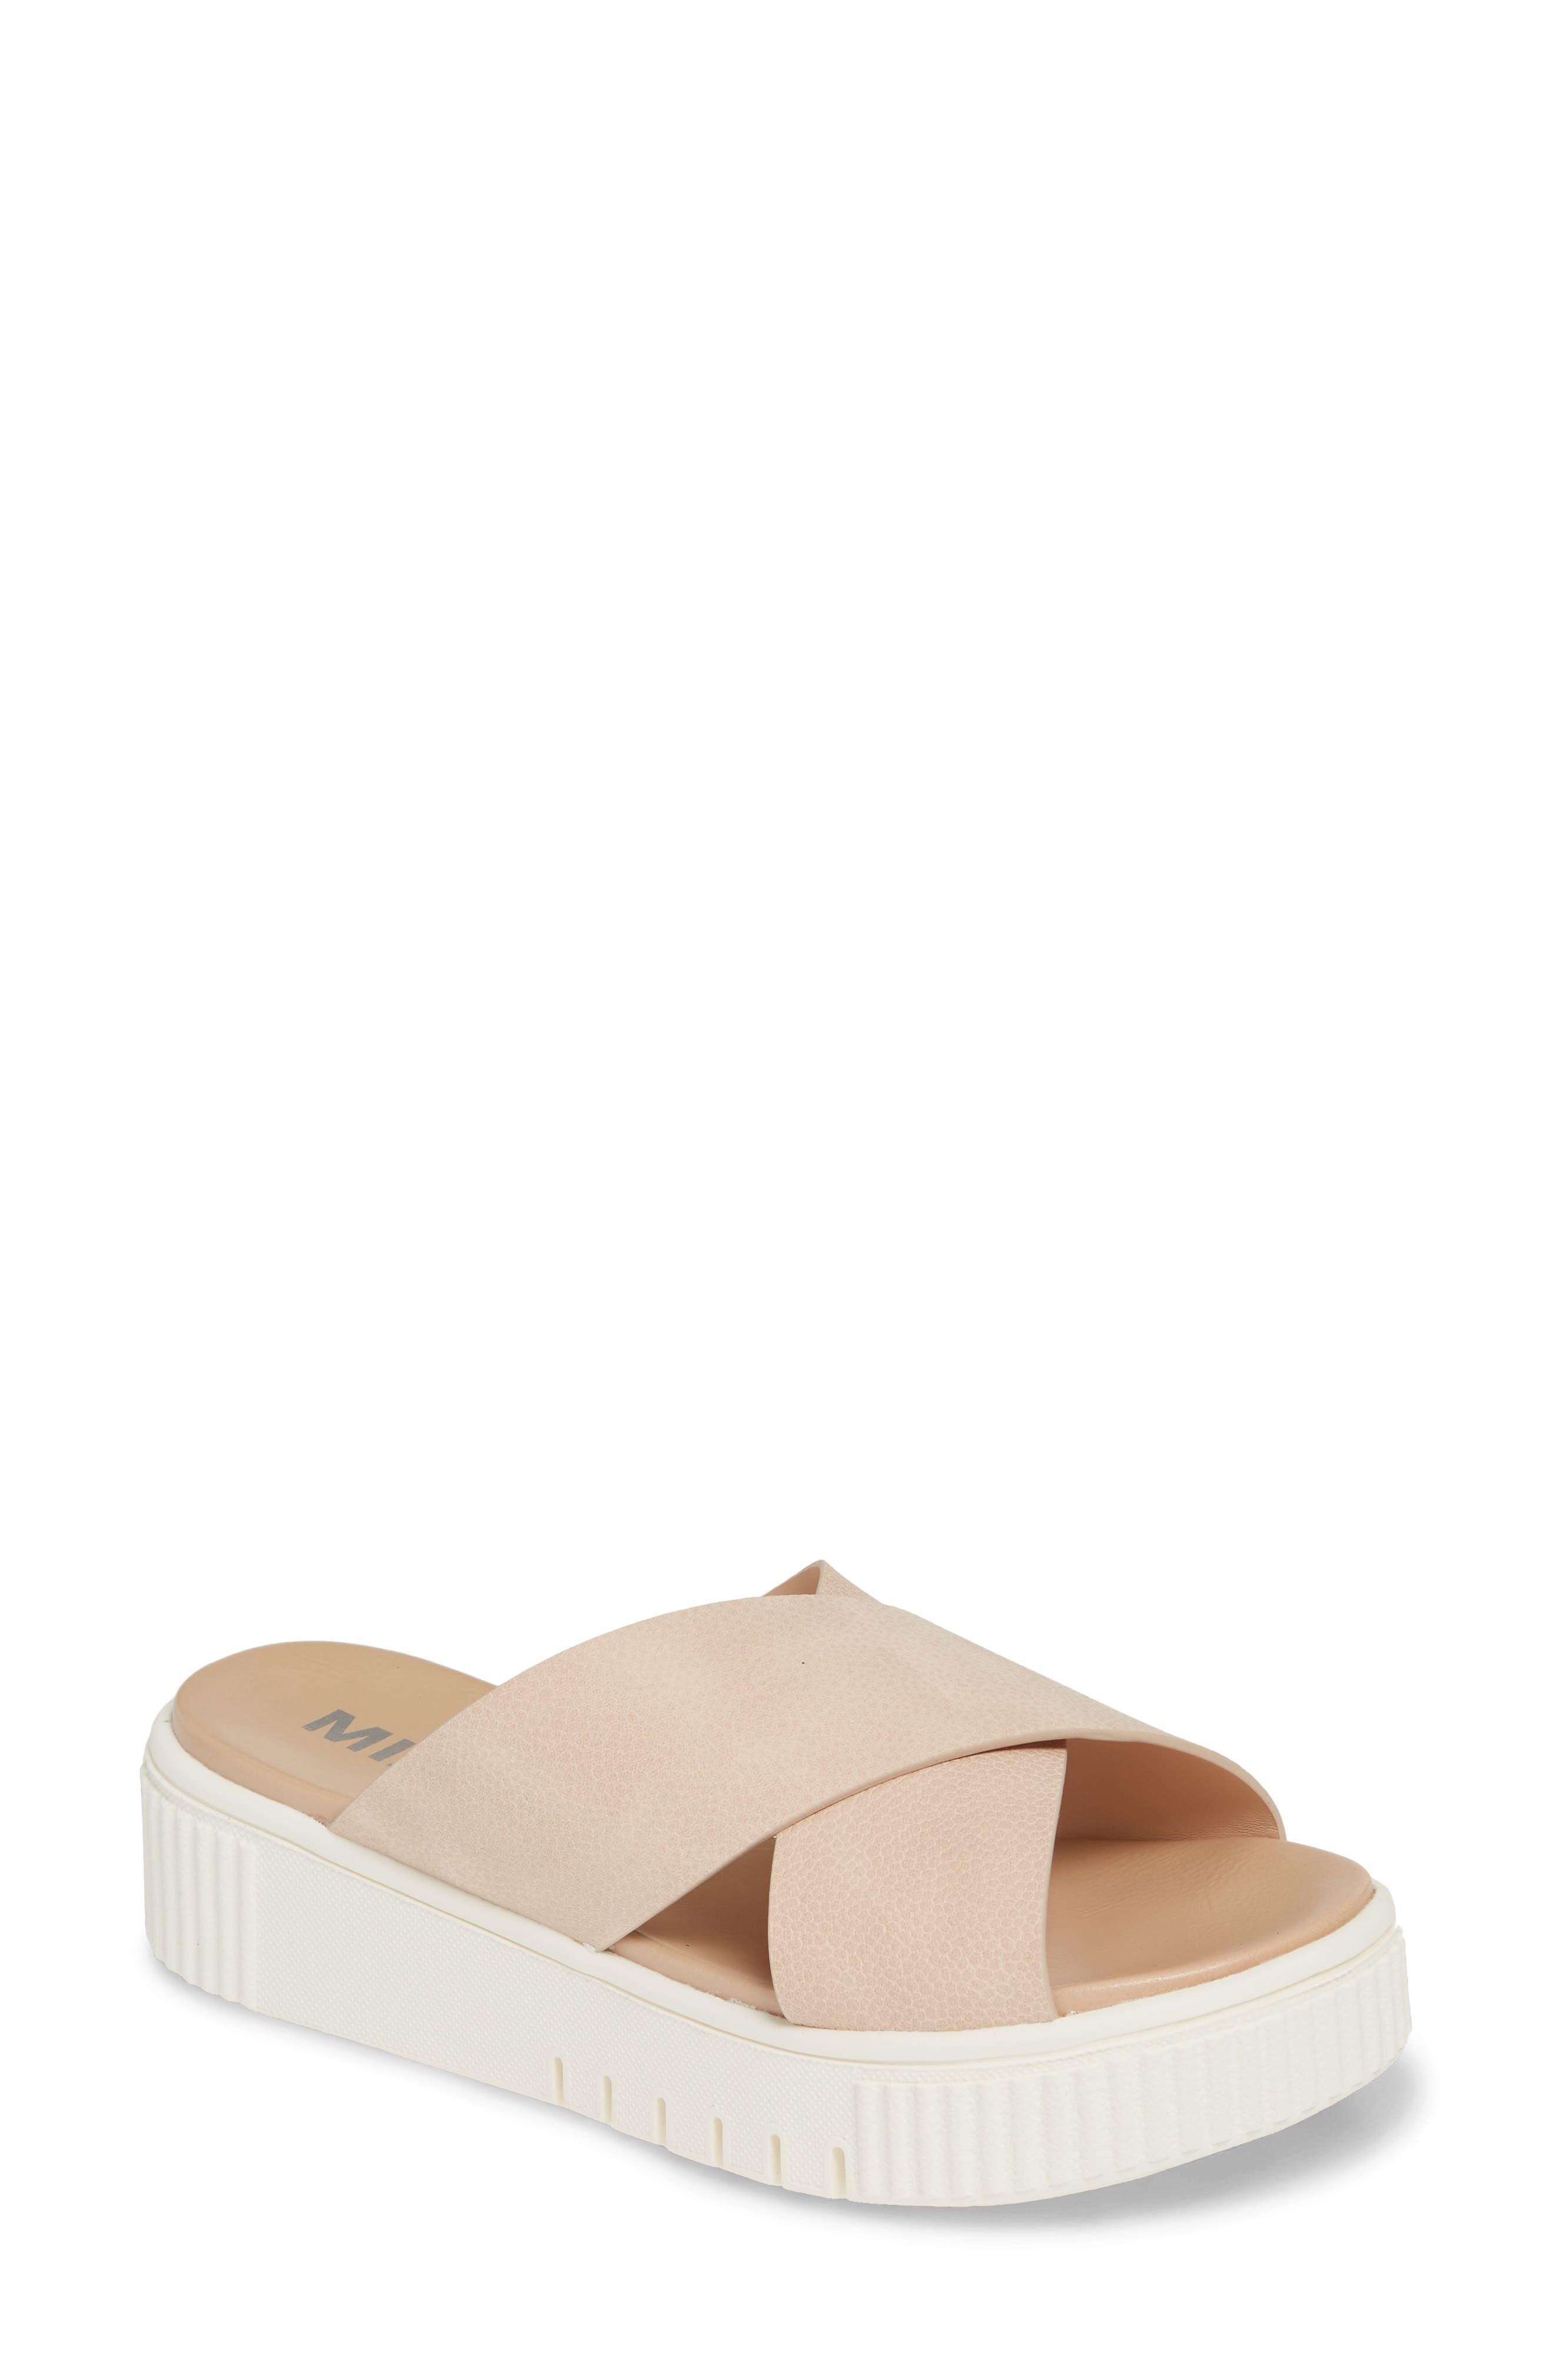 Mia Lia Platform Sandal, Pink